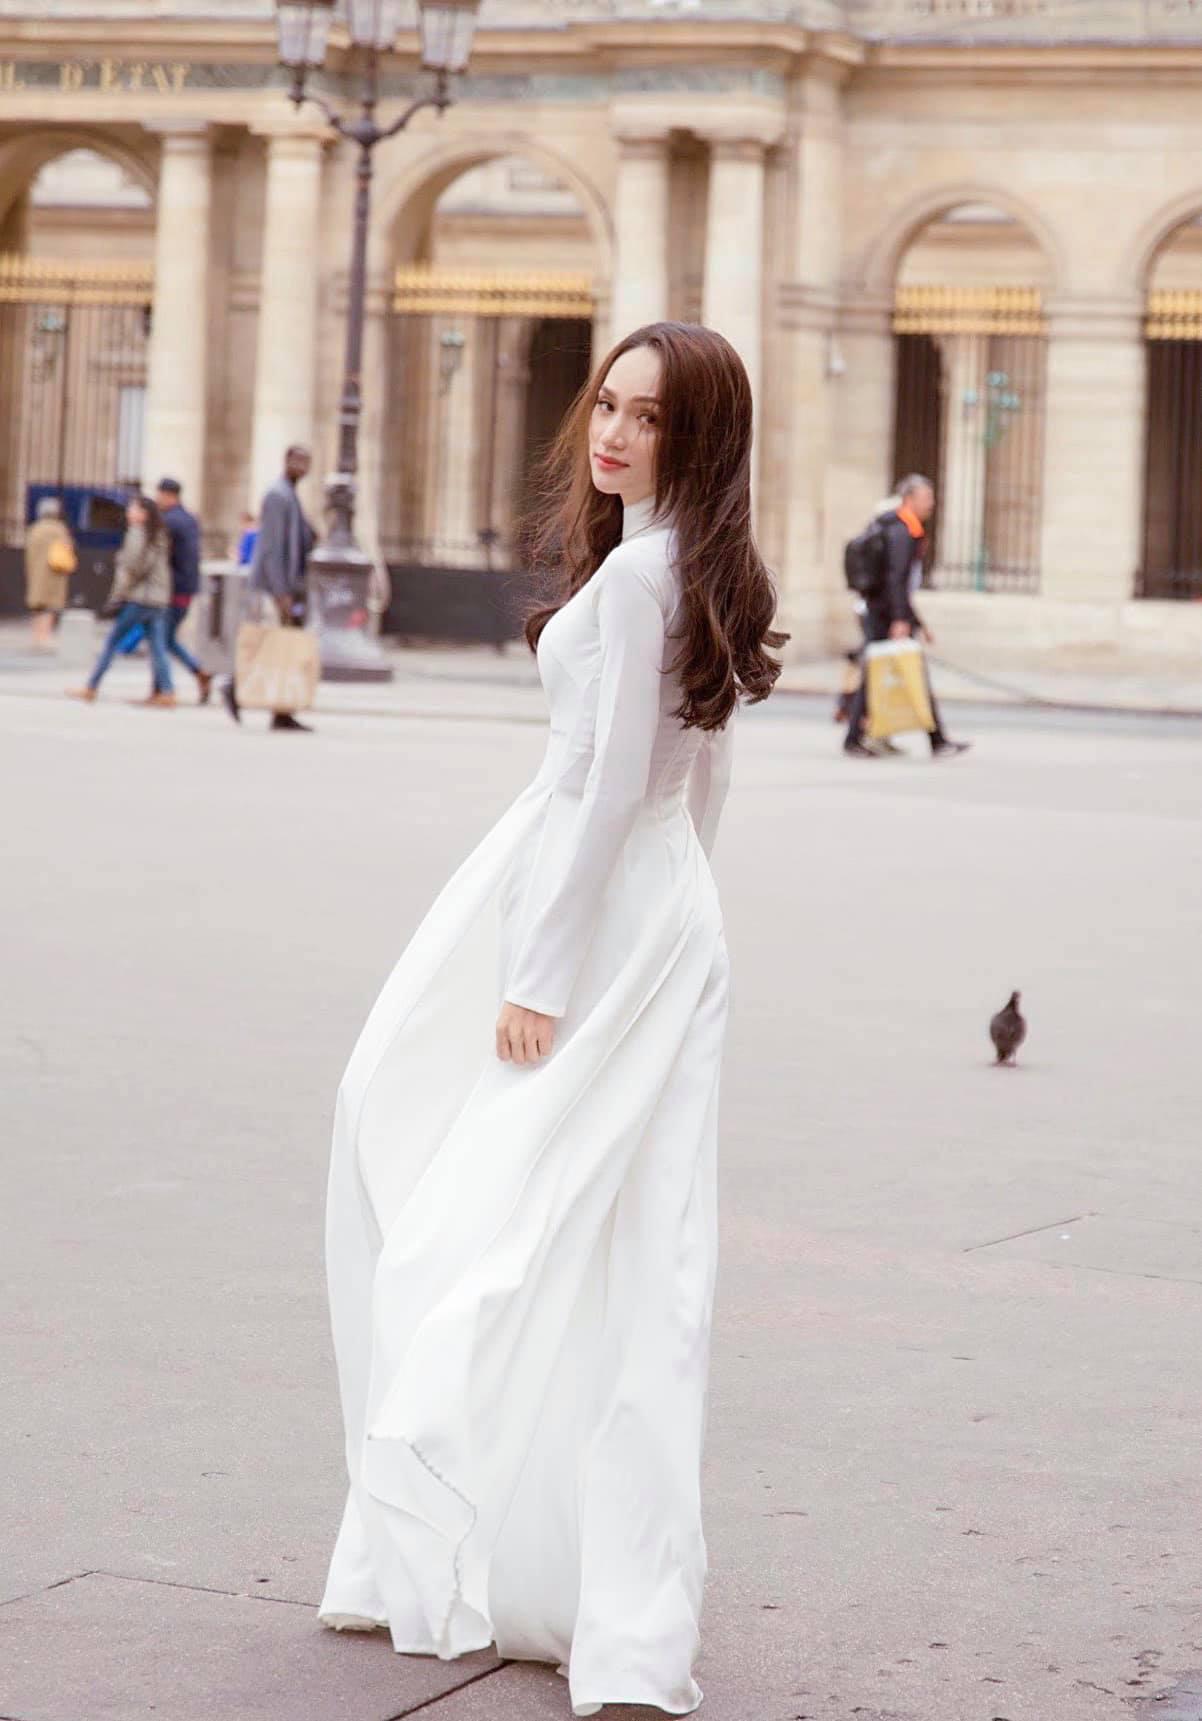 Hương Giang mặc áo dài trắng tinh khôi đẹp tựa nữ thần ở Pháp, thả thính gây bão mạng